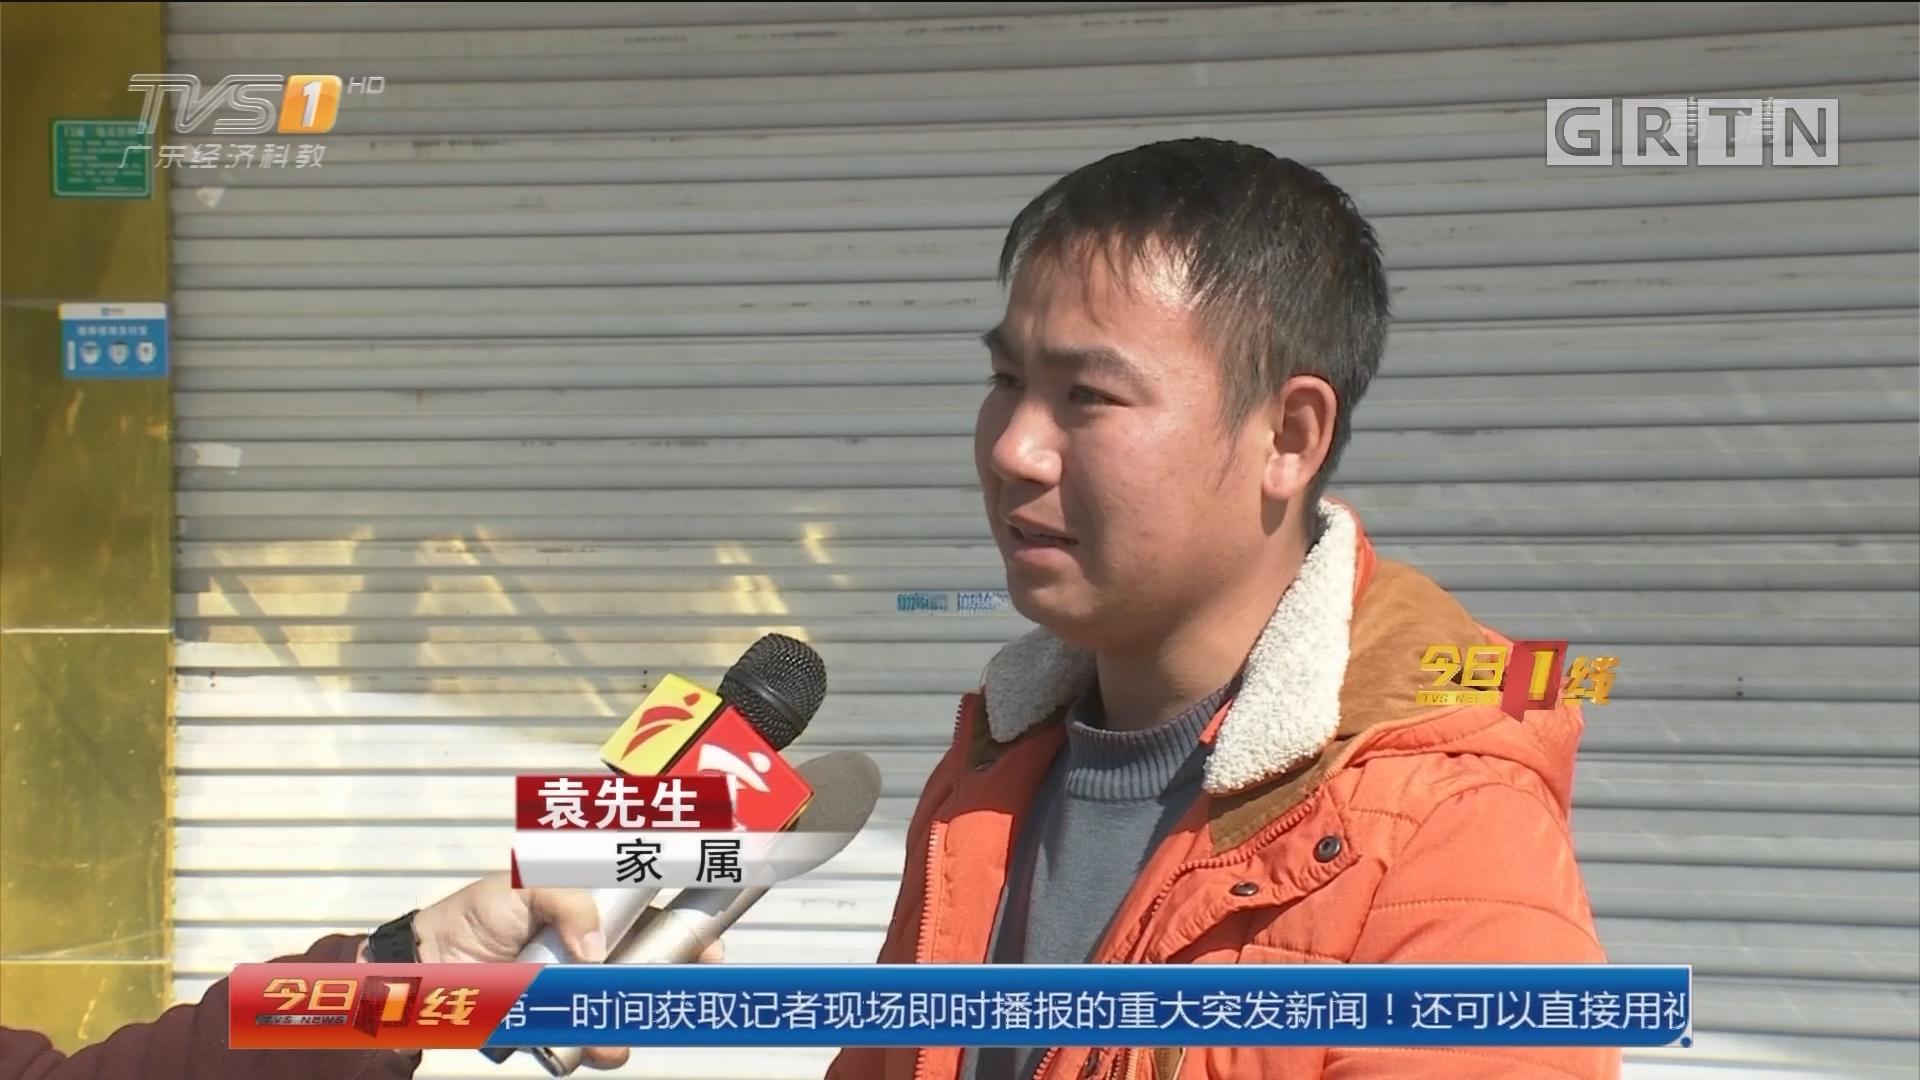 东莞厚街镇:女子KTV门口被人架走? 警方立案调查